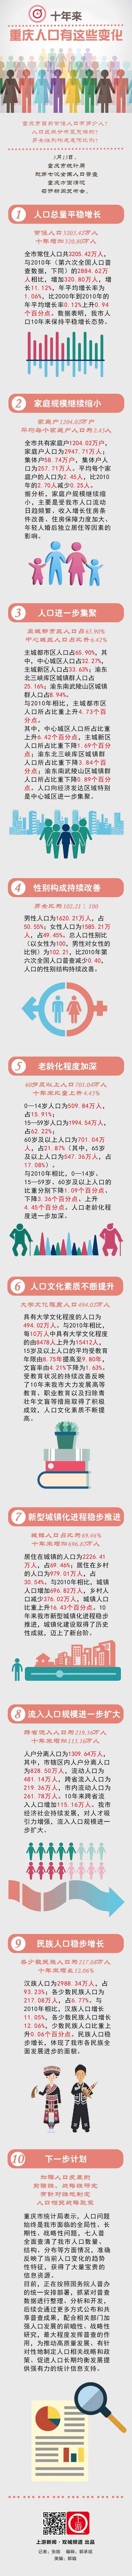 重庆人口网_重庆人口2021总人数口是多少2021年重庆总人口数量统计